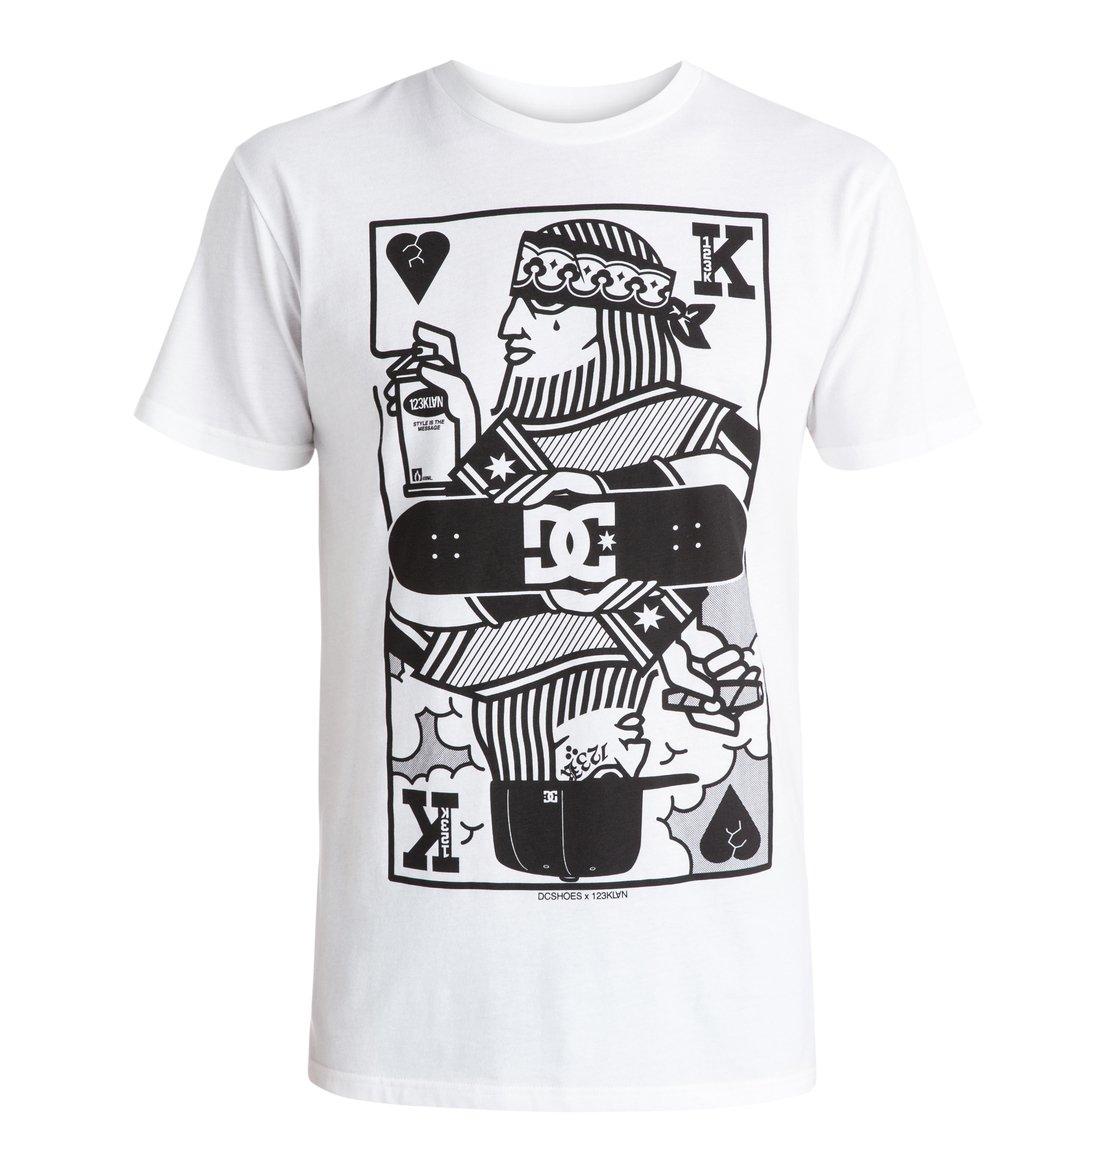 Здесь можно купить   123 Kingcard - T-Shirt Новые поступления